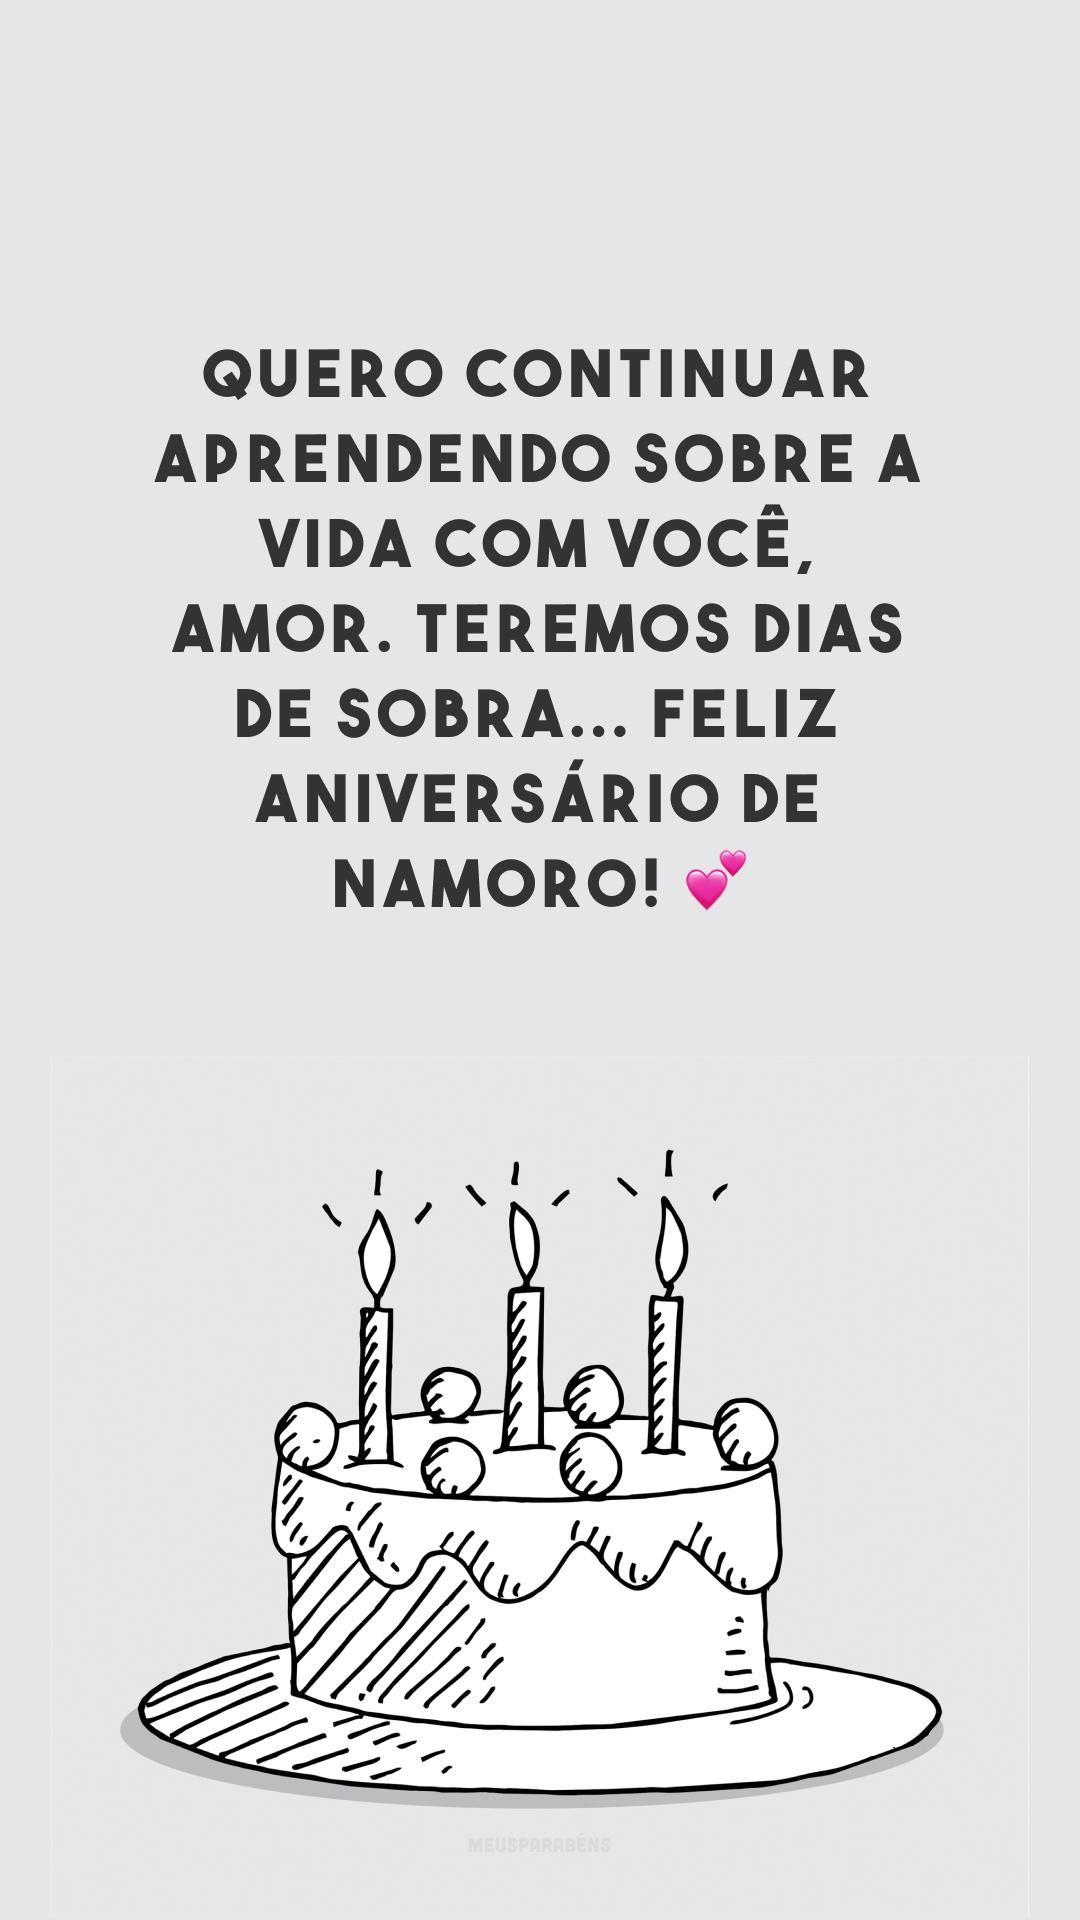 Quero continuar aprendendo sobre a vida com você, amor. Teremos dias de sobra... Feliz aniversário de namoro! 💕